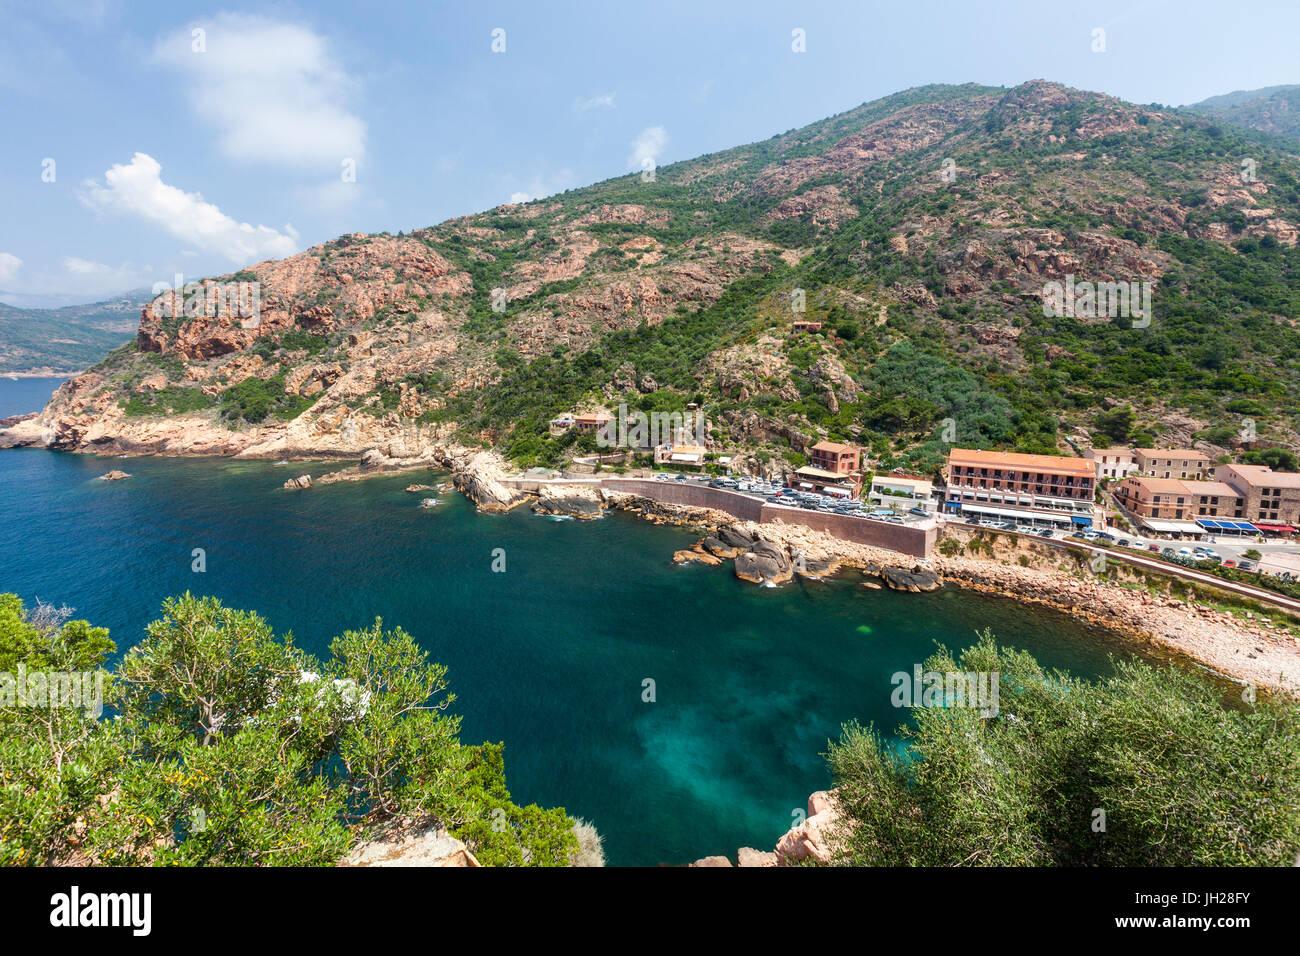 Draufsicht des türkisblauen Meeres umrahmt von grüner Vegetation und die typischen Dorf Porto, Korsika, Stockbild